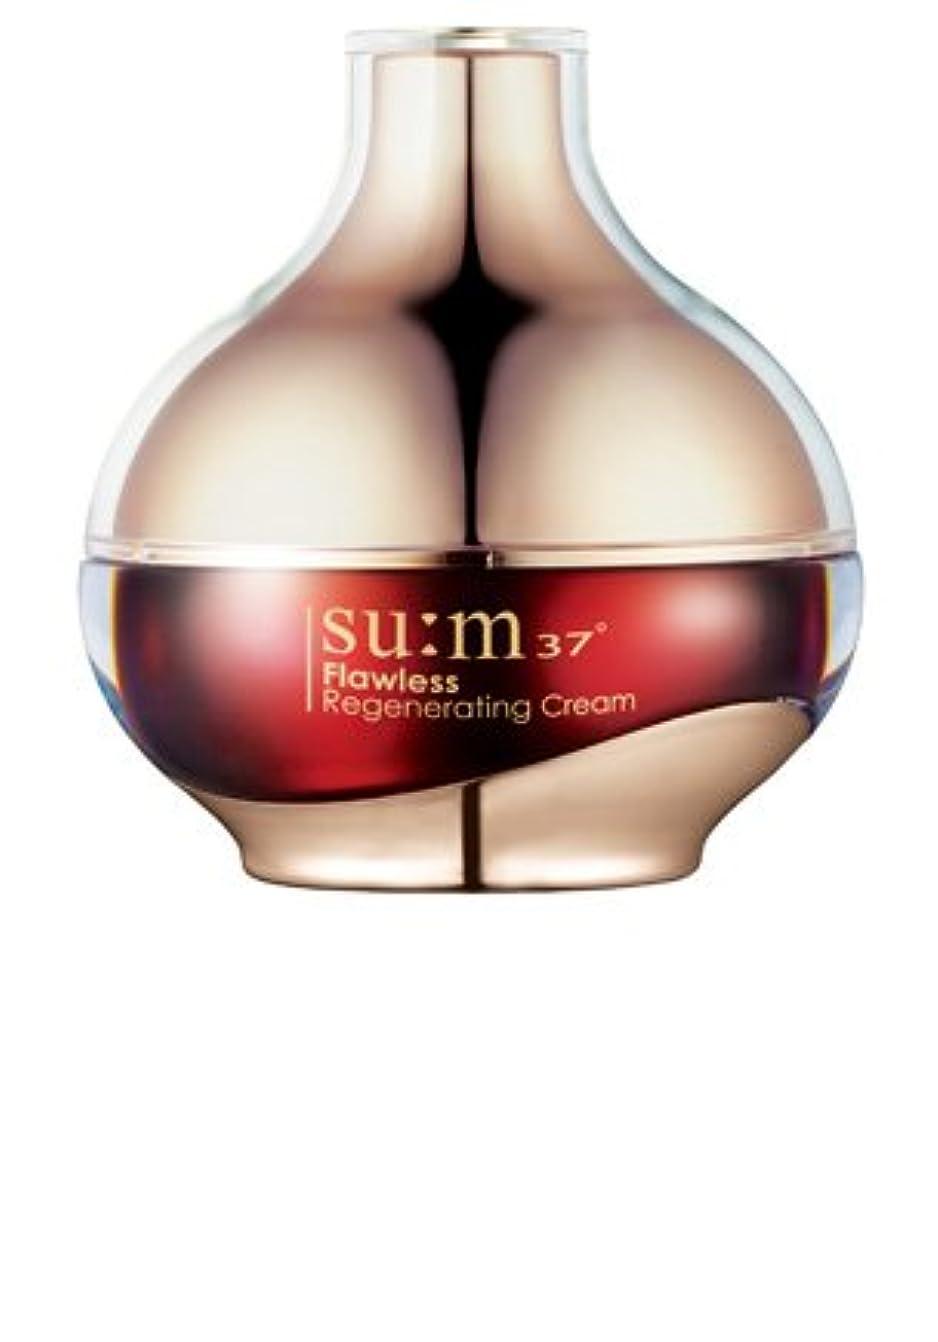 ドーム帆中絶[SUM37/スム37]Flawless Regenerating Cream 50ml/フローレス リジェネレーティング クリーム 50ml [海外直送品]